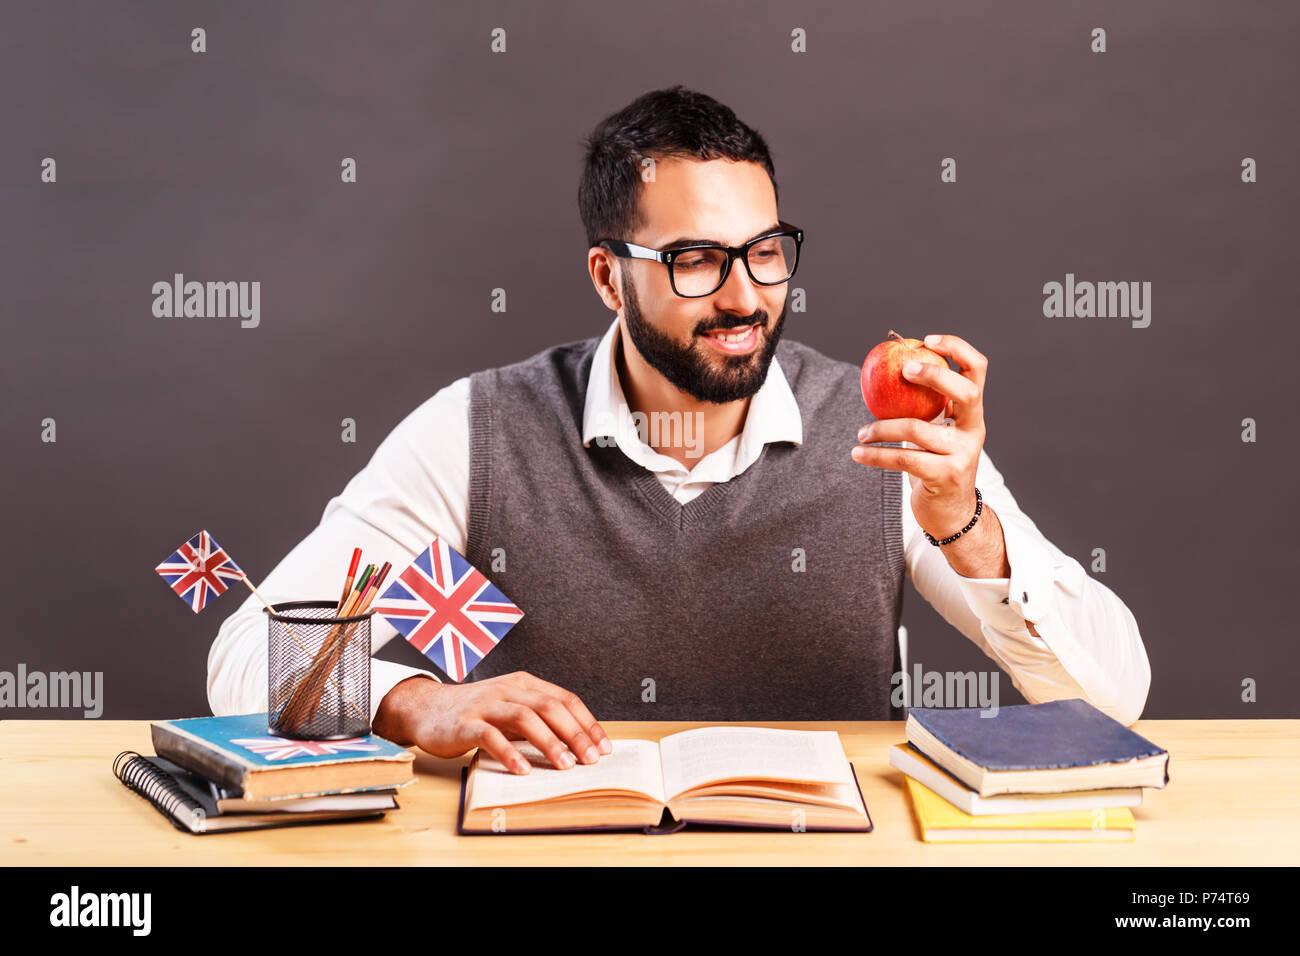 Ufficio Scrivania In Inglese : Bel uomo in grigio giubbotto di occhiali e di mettere in pratica le